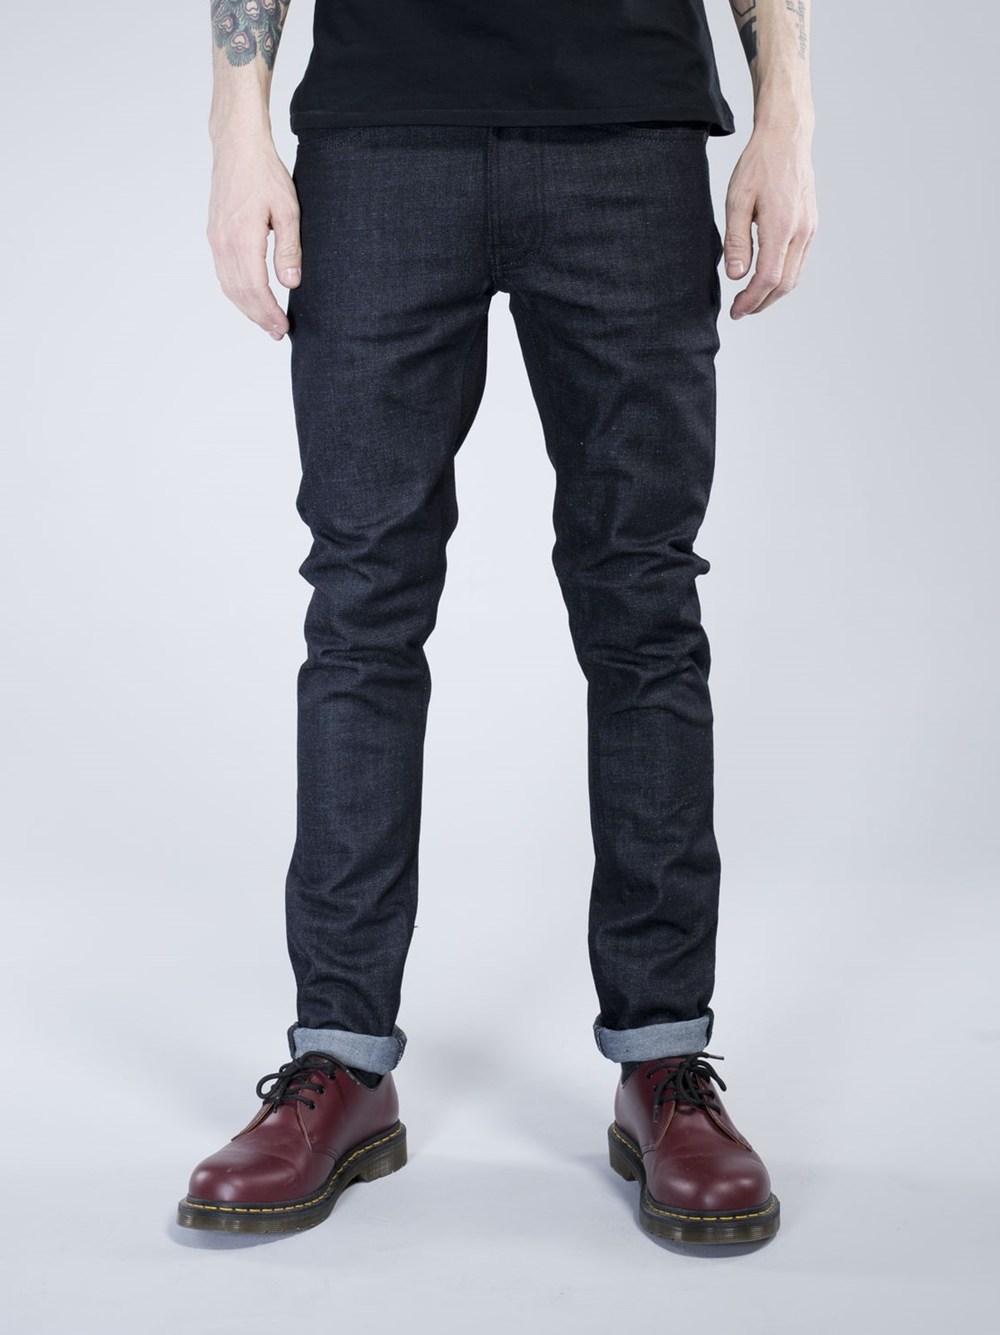 nudie-jeans-lean-dean-dry-deep-dark.jpg